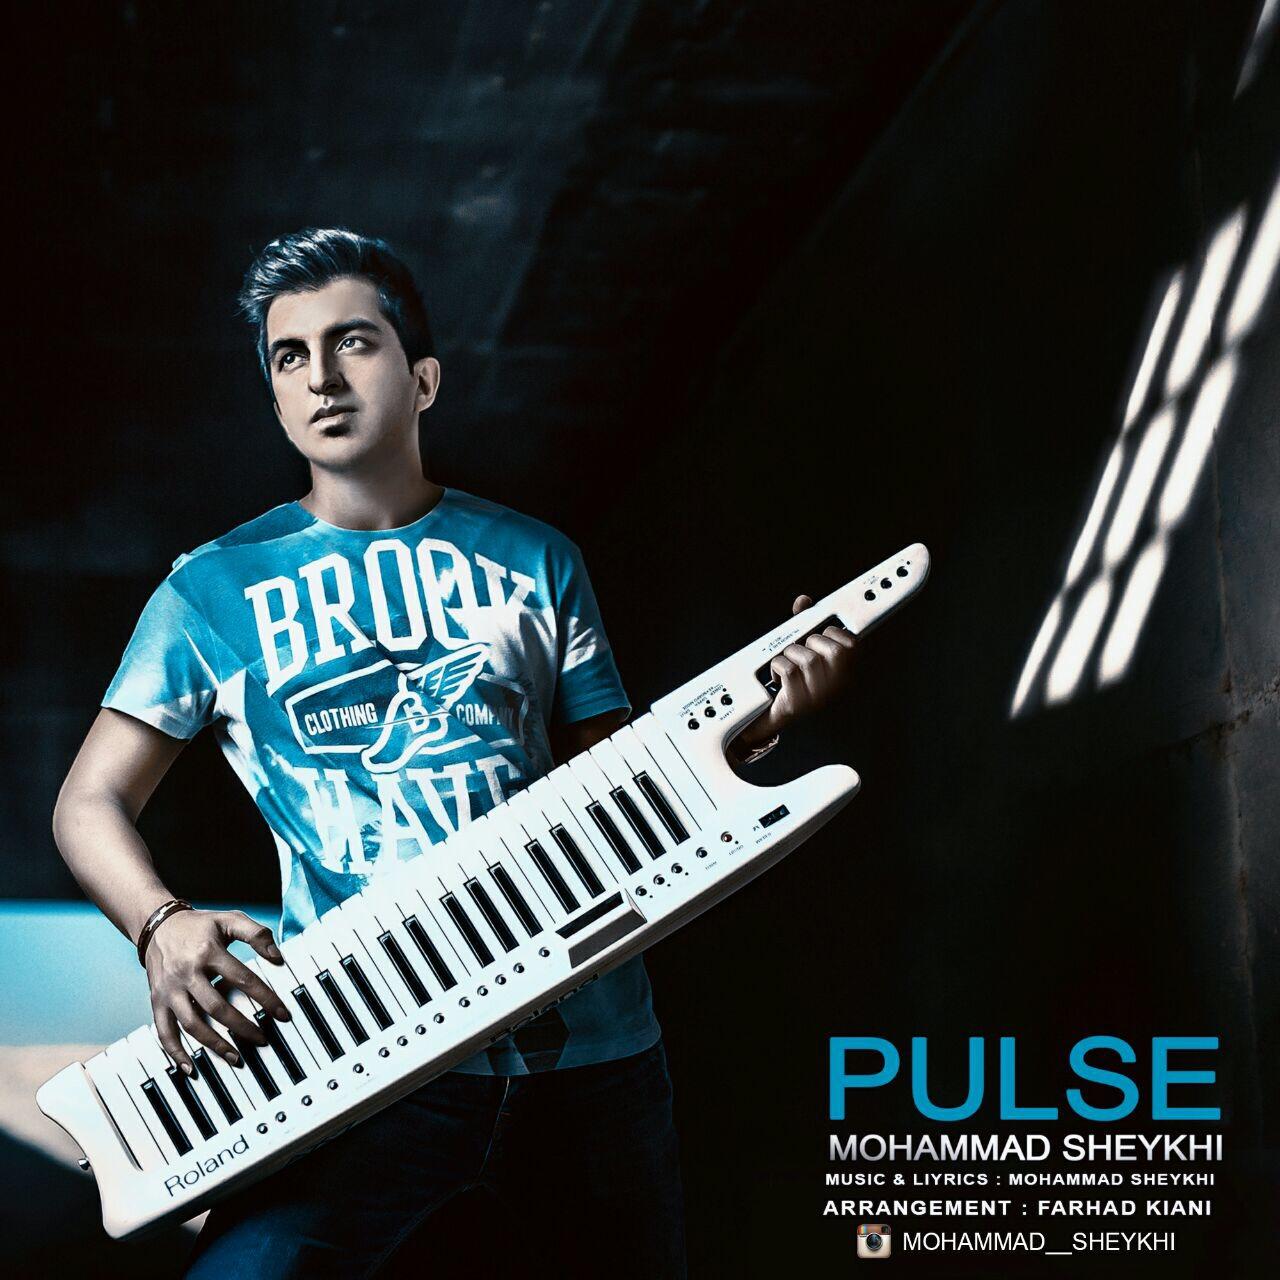 Mohammad Sheykhi – Pulse